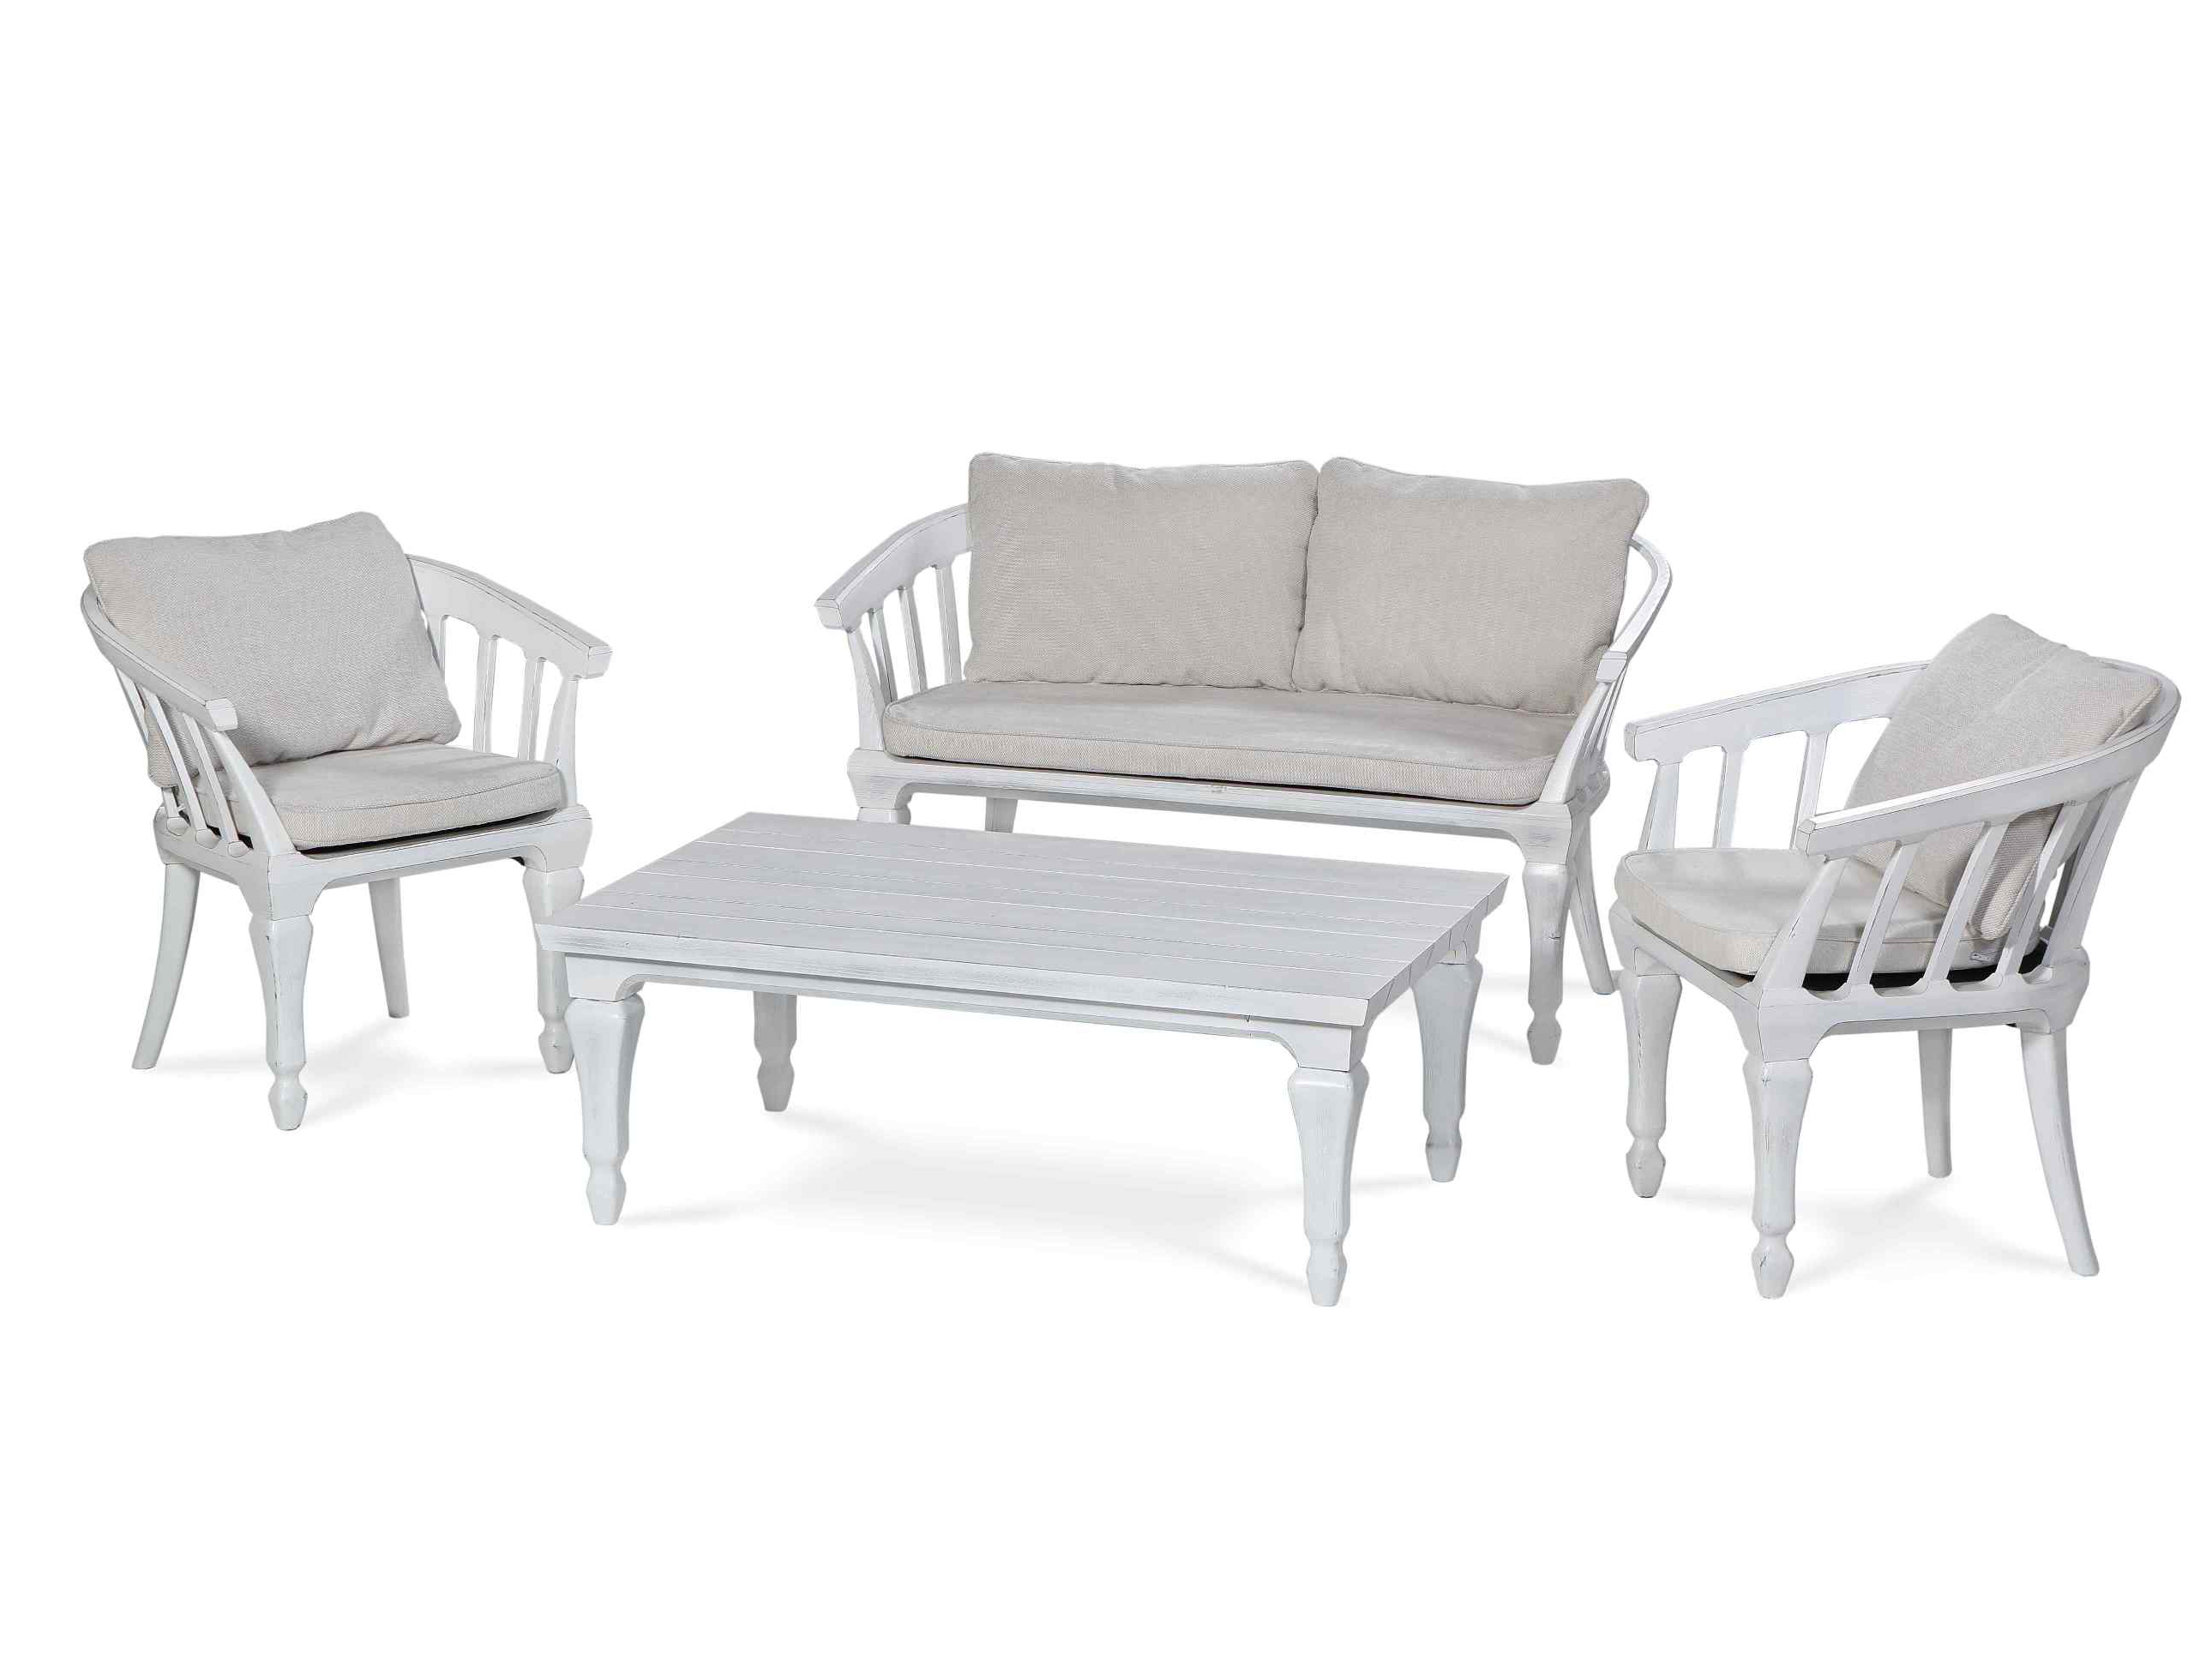 Комплект мебели БахчисарайКомплекты уличной мебели<br>&amp;lt;div&amp;gt;Комплект садовой мебели из натуральной древесины.&amp;amp;nbsp;&amp;lt;/div&amp;gt;&amp;lt;div&amp;gt;&amp;lt;br&amp;gt;&amp;lt;/div&amp;gt;&amp;lt;div&amp;gt;Матрацы и подушки из полиэстера.&amp;amp;nbsp;&amp;lt;/div&amp;gt;&amp;lt;div&amp;gt;В комплект входит: 2 кресла &amp;quot;Бахчисарай&amp;quot; с матрацами, диван &amp;quot;Бахчисарай&amp;quot; с матрацем, стол журнальный &amp;quot;Бахчисарай&amp;quot;, 4 подушки.&amp;amp;nbsp;&amp;lt;/div&amp;gt;&amp;lt;div&amp;gt;Размеры: Диван &amp;quot;Бахчисарай&amp;quot;: Длина: 136см Ширина: 71см Высота: 79см&amp;amp;nbsp;&amp;lt;/div&amp;gt;&amp;lt;div&amp;gt;Кресло &amp;quot;Бахчисарай&amp;quot;: Длина: &amp;amp;nbsp;68см Ширина: 72см Высота: 80см&amp;amp;nbsp;&amp;lt;/div&amp;gt;&amp;lt;div&amp;gt;Стол журнальный &amp;quot;Бахчисарай&amp;quot;: Длина: 120см Ширина: 75см Высота: 45см&amp;amp;nbsp;&amp;lt;/div&amp;gt;&amp;lt;div&amp;gt;Подушка спинки дивана &amp;quot;Бахчисарай&amp;quot;: Длина: 62см Ширина: 62см Высота: 15см&amp;amp;nbsp;&amp;lt;/div&amp;gt;&amp;lt;div&amp;gt;Подушка спинки кресла &amp;quot;Бахчисарай&amp;quot;: Длина: 60см Ширина: 60см Высота: 15см&amp;lt;/div&amp;gt;<br><br>Material: Дерево<br>Ширина см: 300<br>Высота см: 150<br>Глубина см: 80